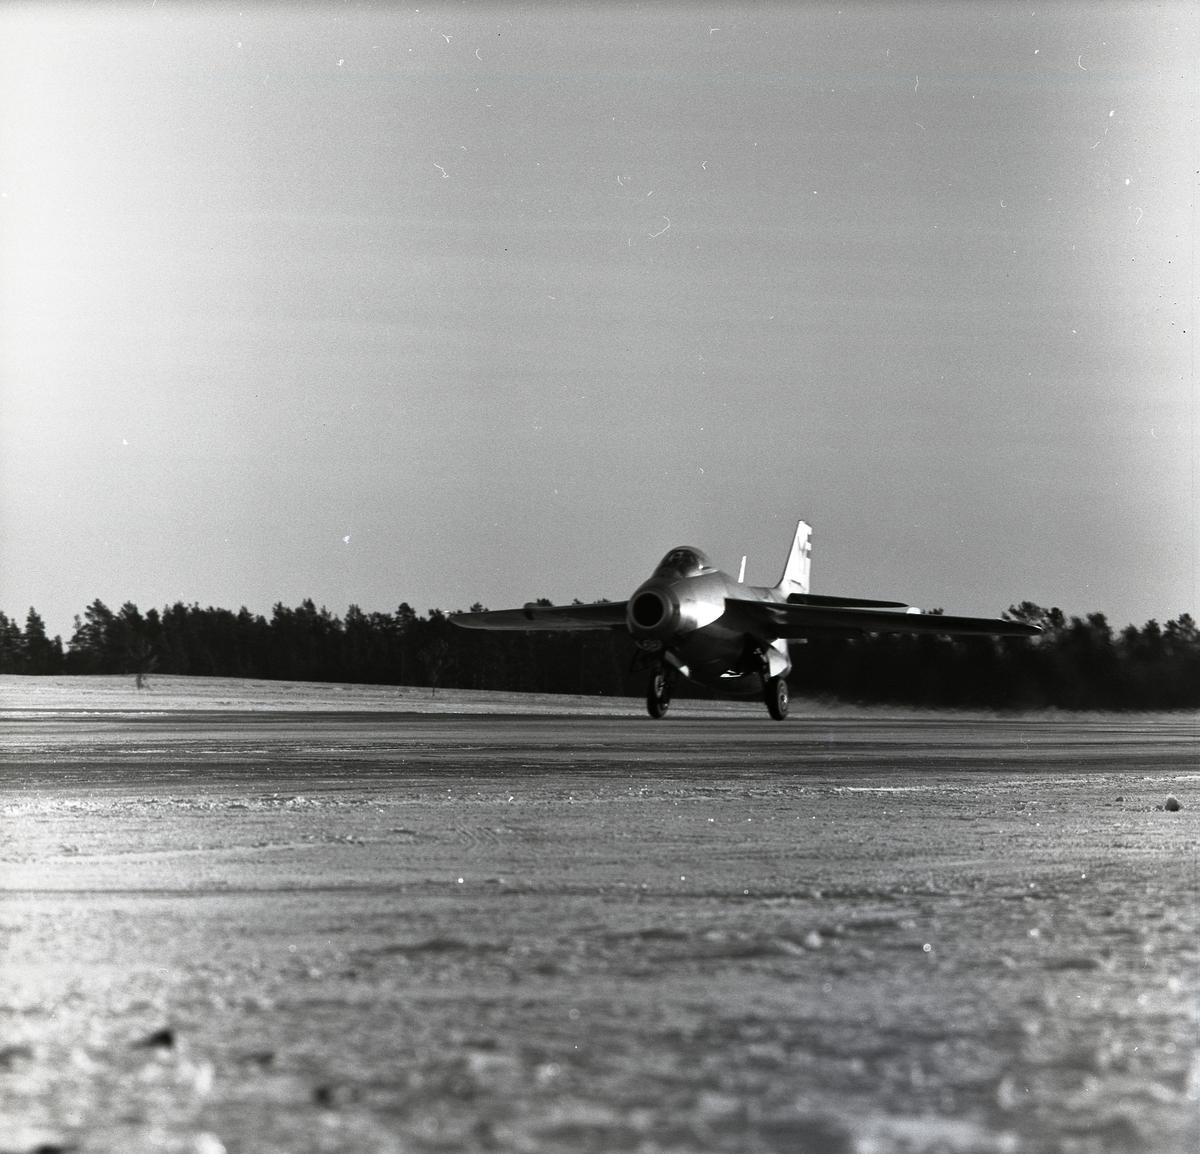 Ett startande flygplan av modellen J29 Tunnan i Söderhamn den 17 januari 1957.